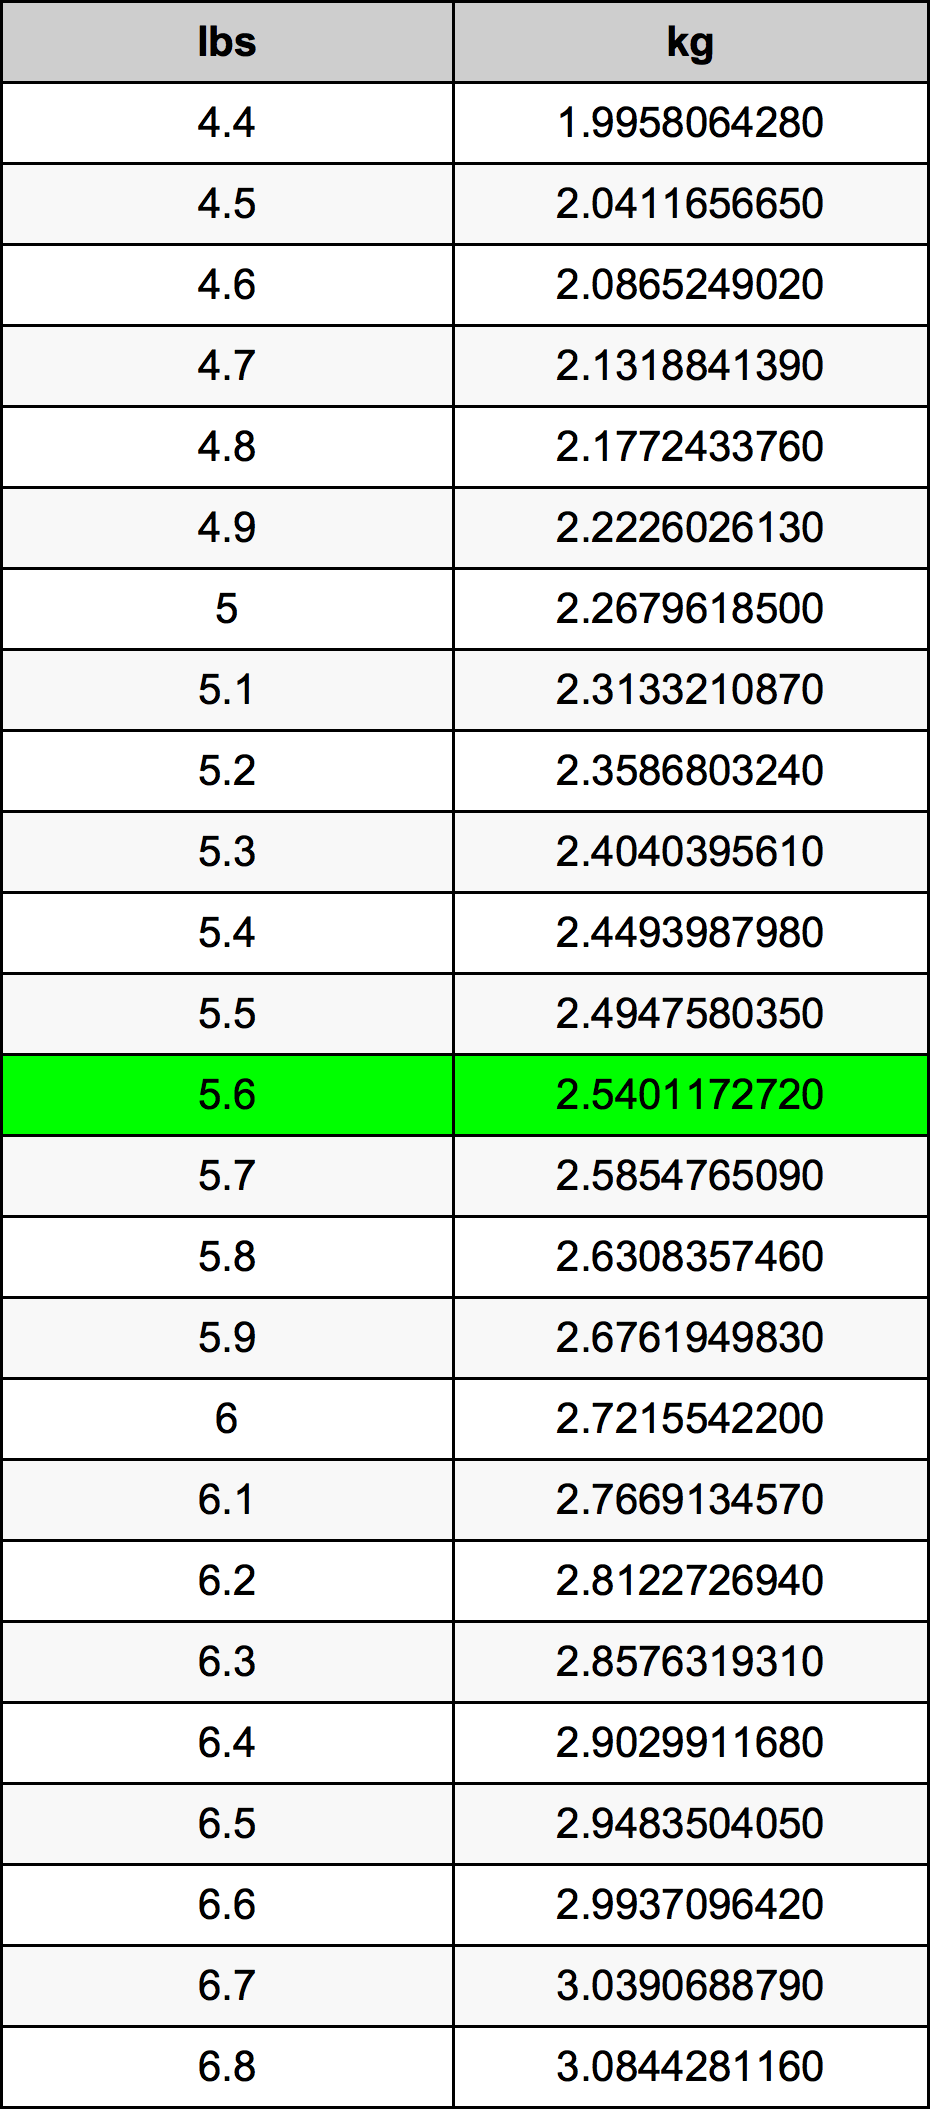 5.6 λίμπρα Πίνακας Μετατροπής